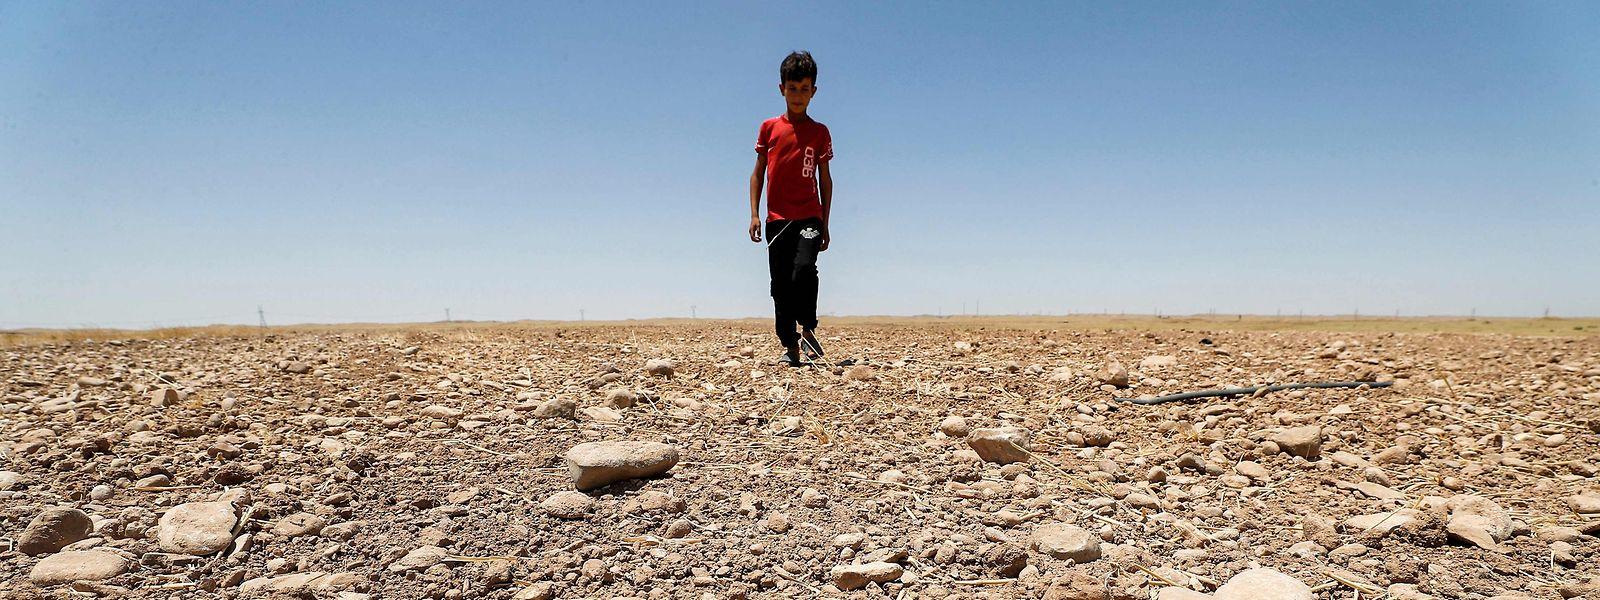 Dort, wo das Trinkwasser knapp werde und die Produktivität der Ernten abnehme, seien Menschen gezwungen, ihre Heimat zu verlassen, so der Bericht.